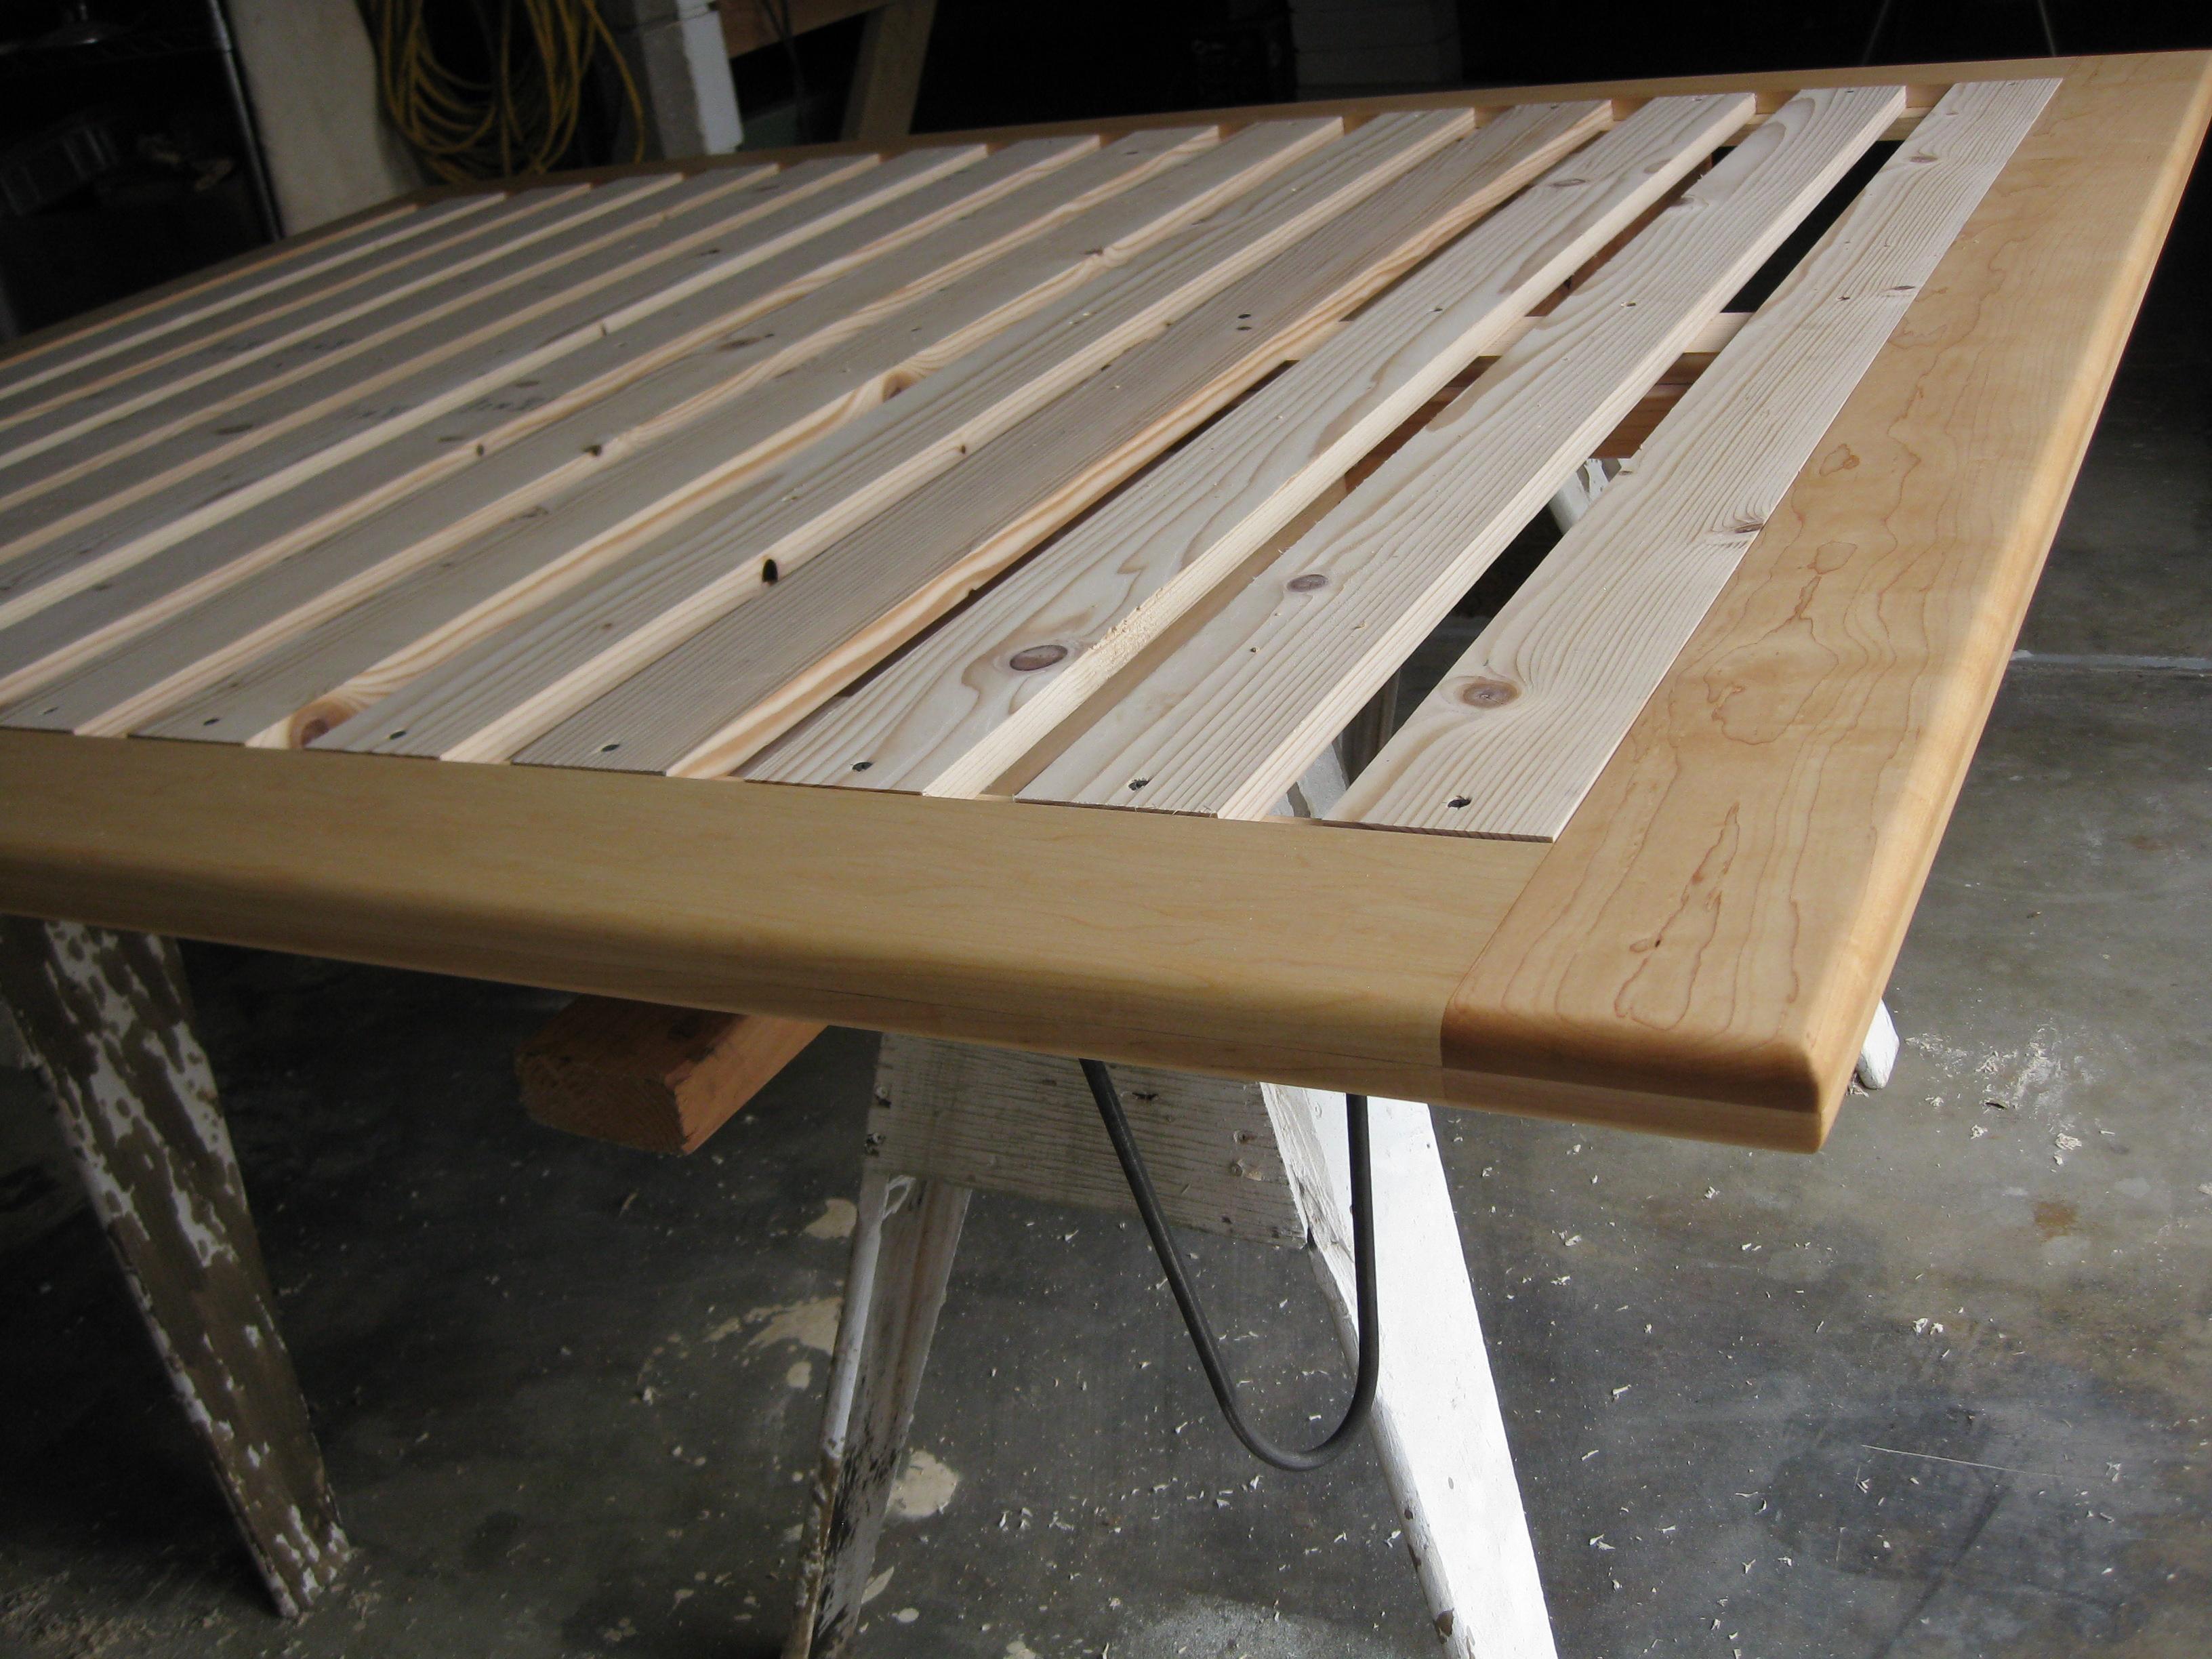 Diy Modern Platform Bed Plans Plans Diy Free Wooden